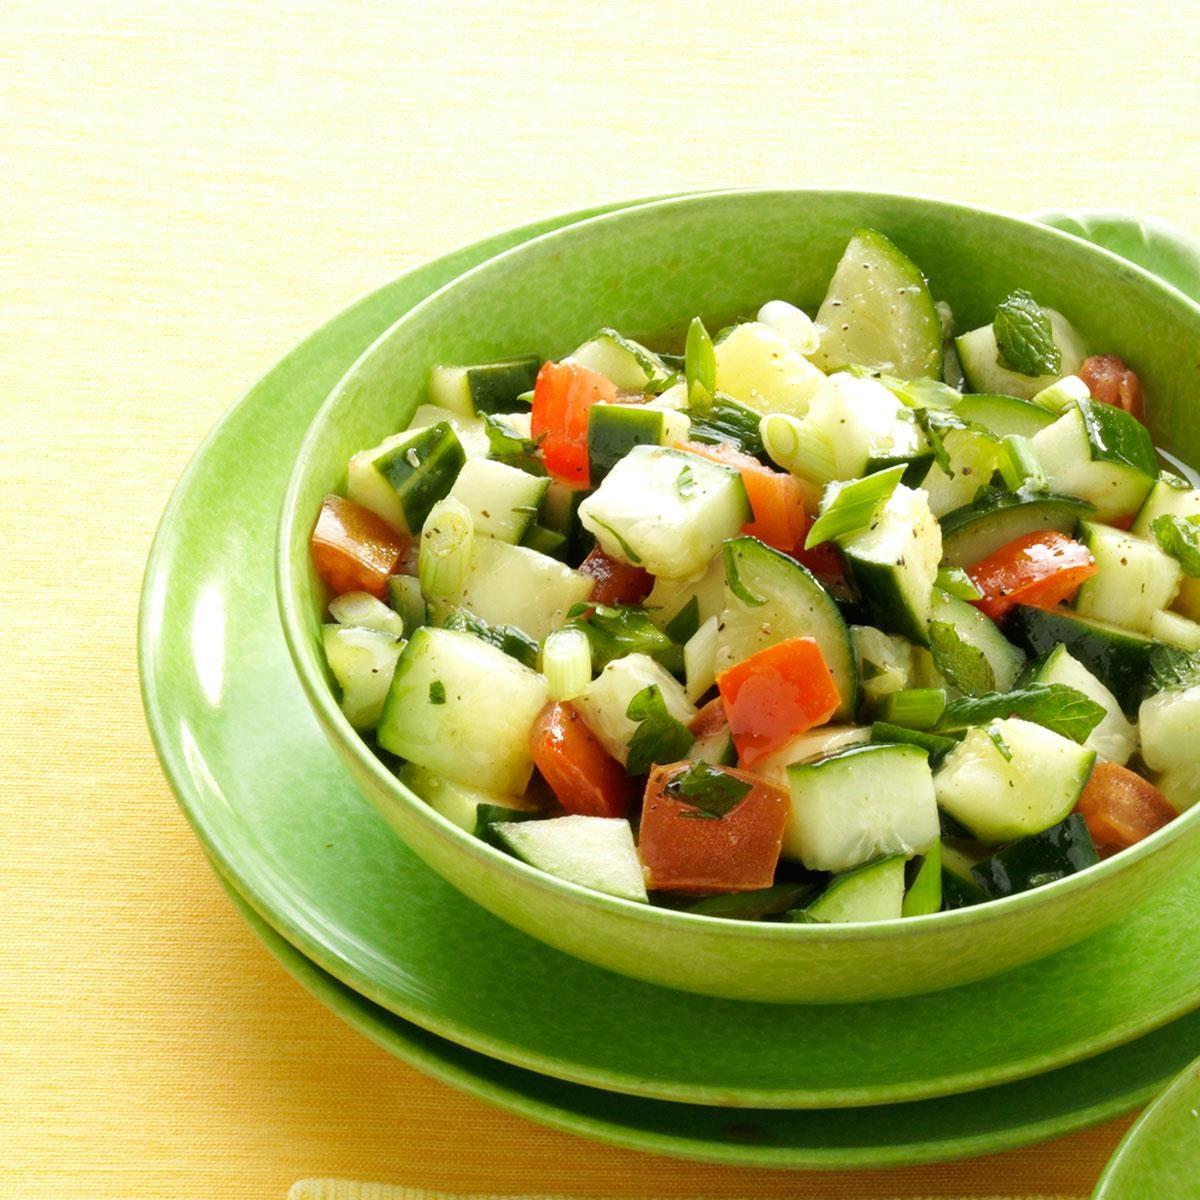 Minted Chicken Salad